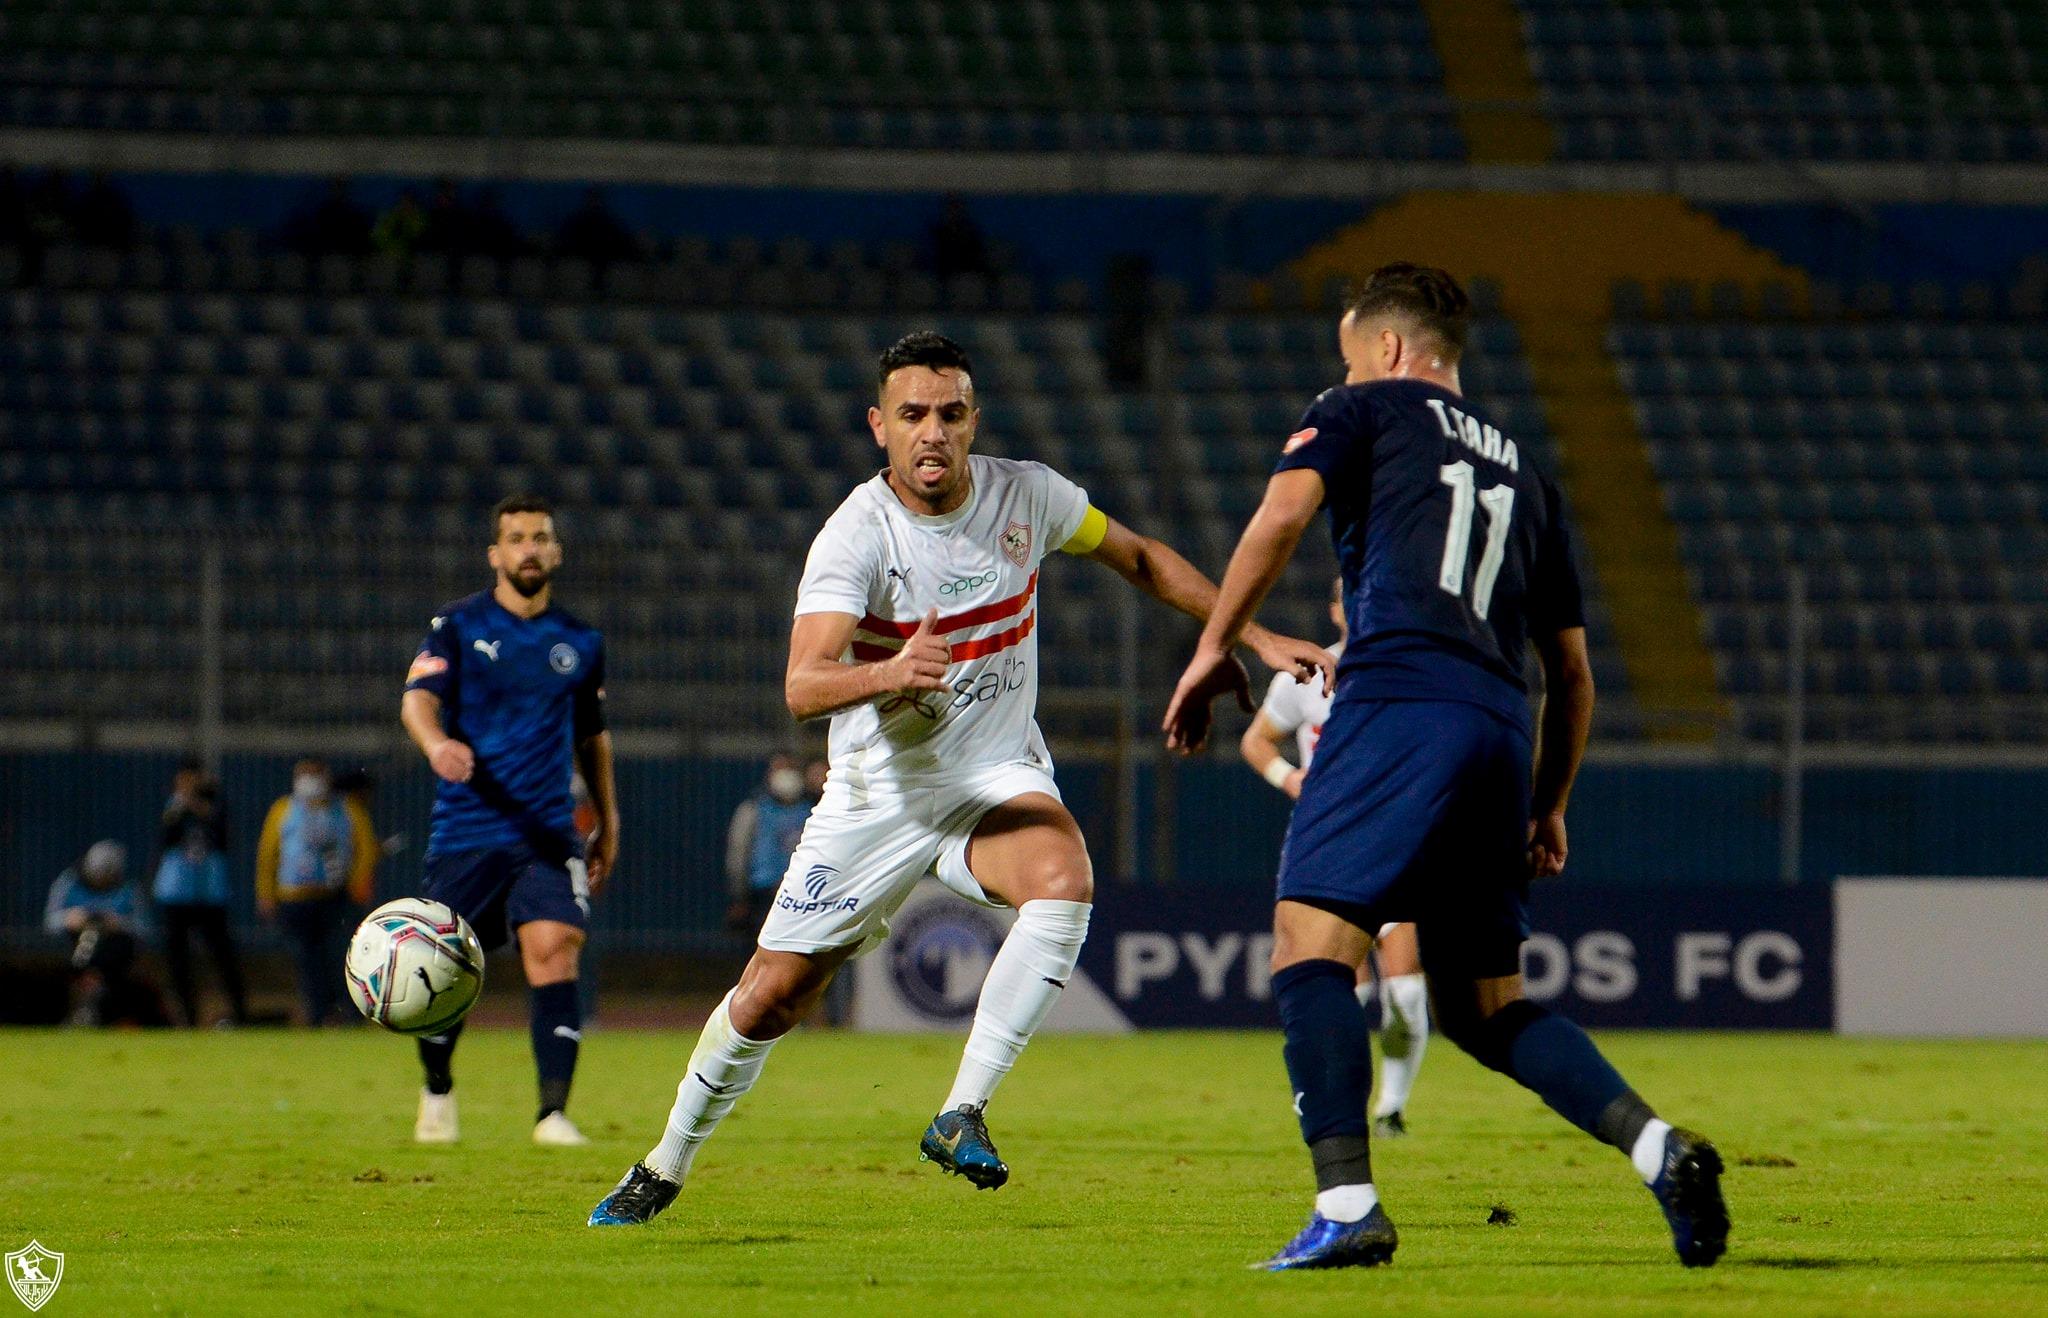 صور | التعادل الايجابي يحسم مواجهة الزمالك وبيراميدز في الدوري المصري